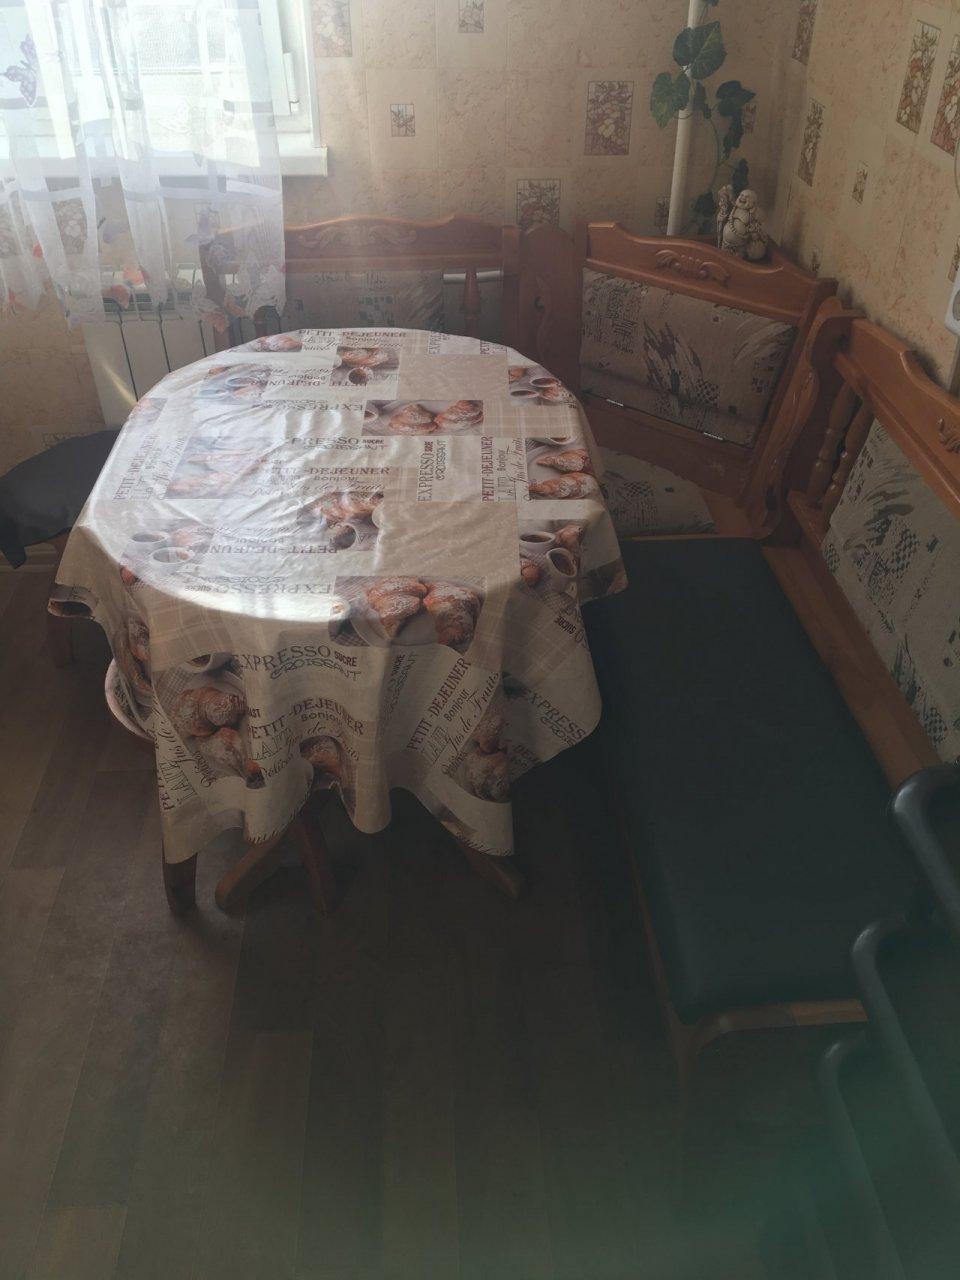 Квартира в аренду по адресу Россия, Санкт-Петербург, Колпинский р-н, Колпино г., Трудящихся бул., д 8